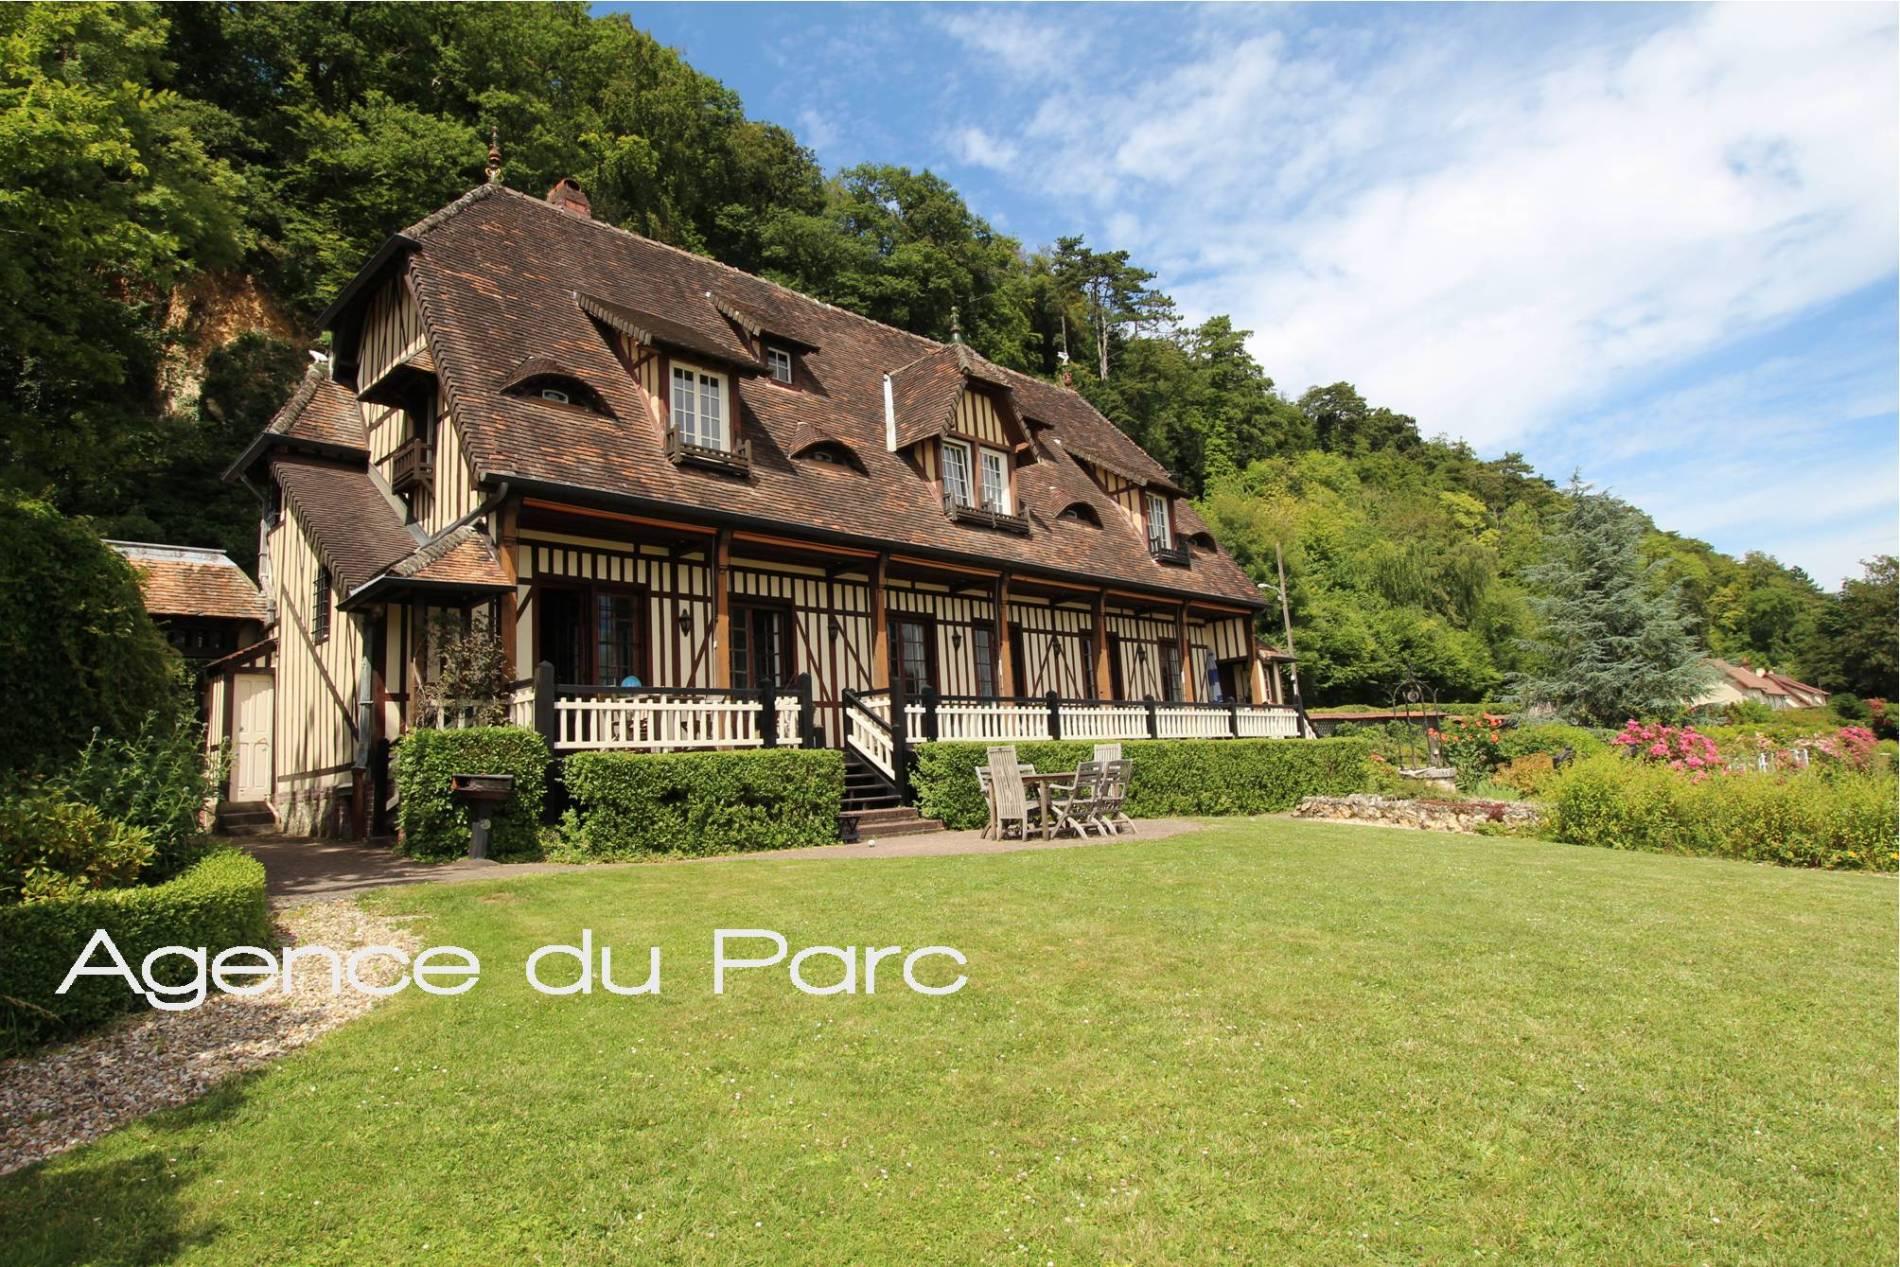 Maison D Architecte Design Avec Piscine Saint Wandrille Rancon 76490 Agence Immobiliere Du Parc